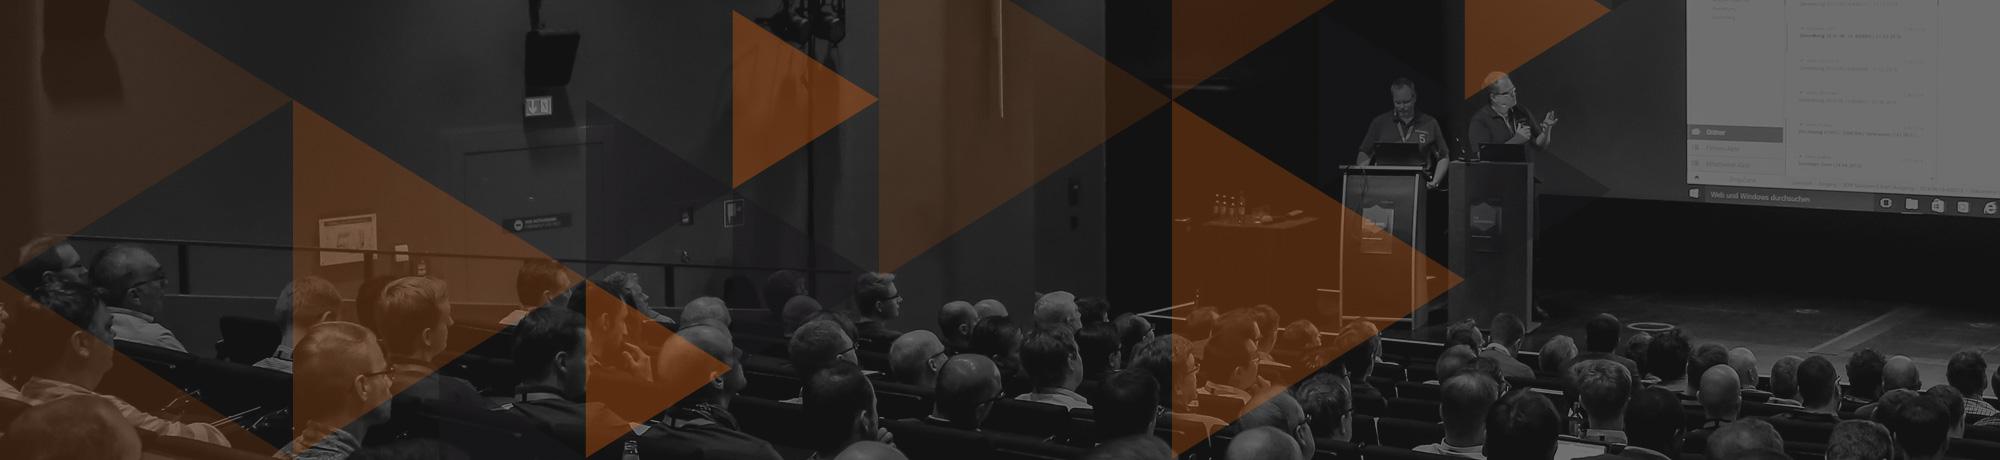 bopak2020-Banner-publikum